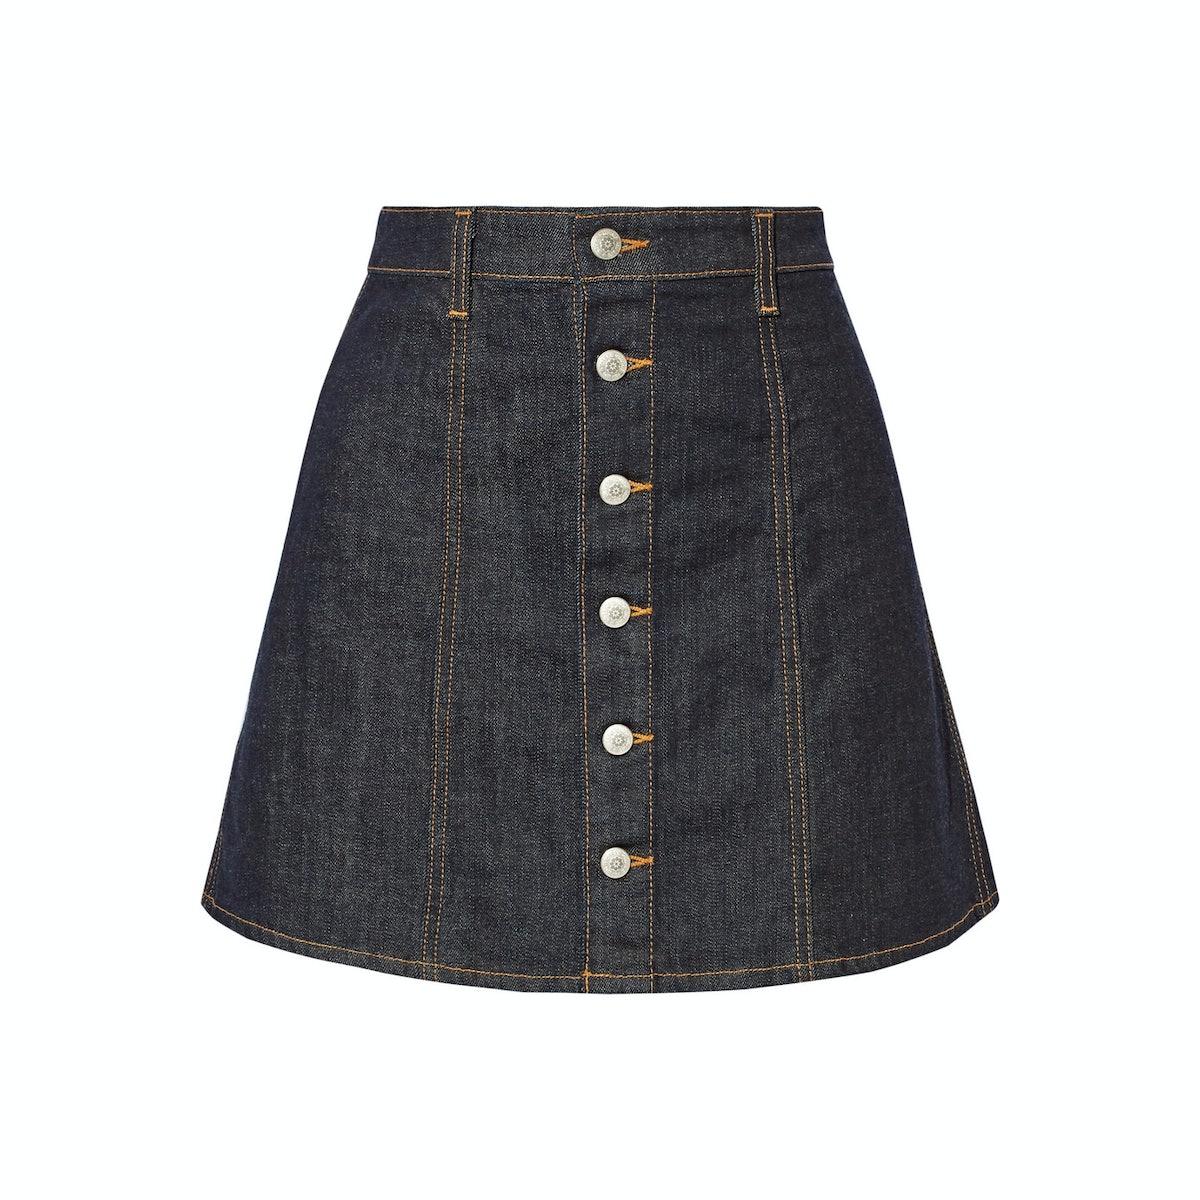 Alexa Chung for AG Jeans skirt